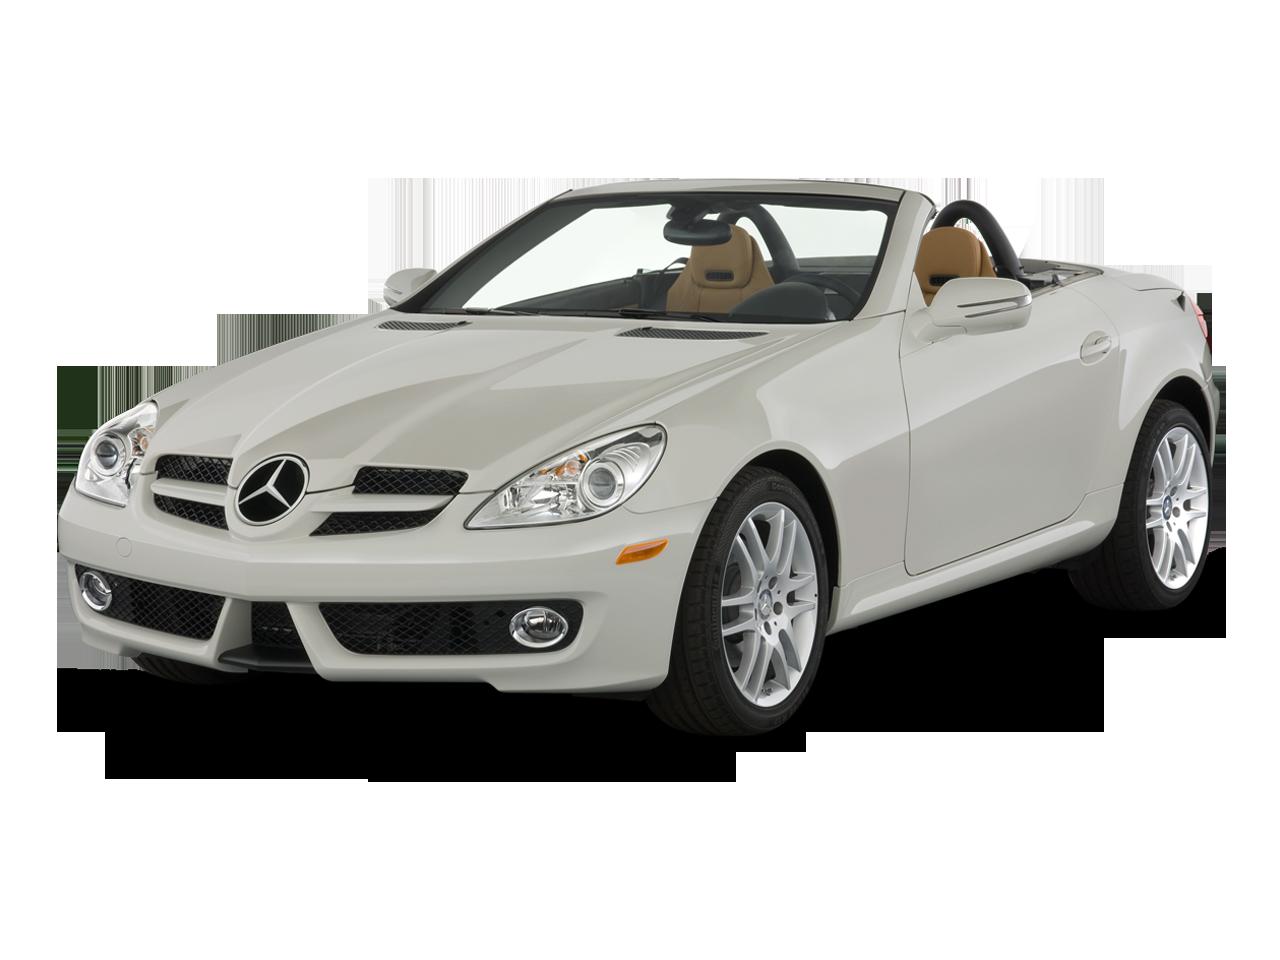 2009 mercedes benz slk350 mercedes benz luxury for Mercedes benz slk review